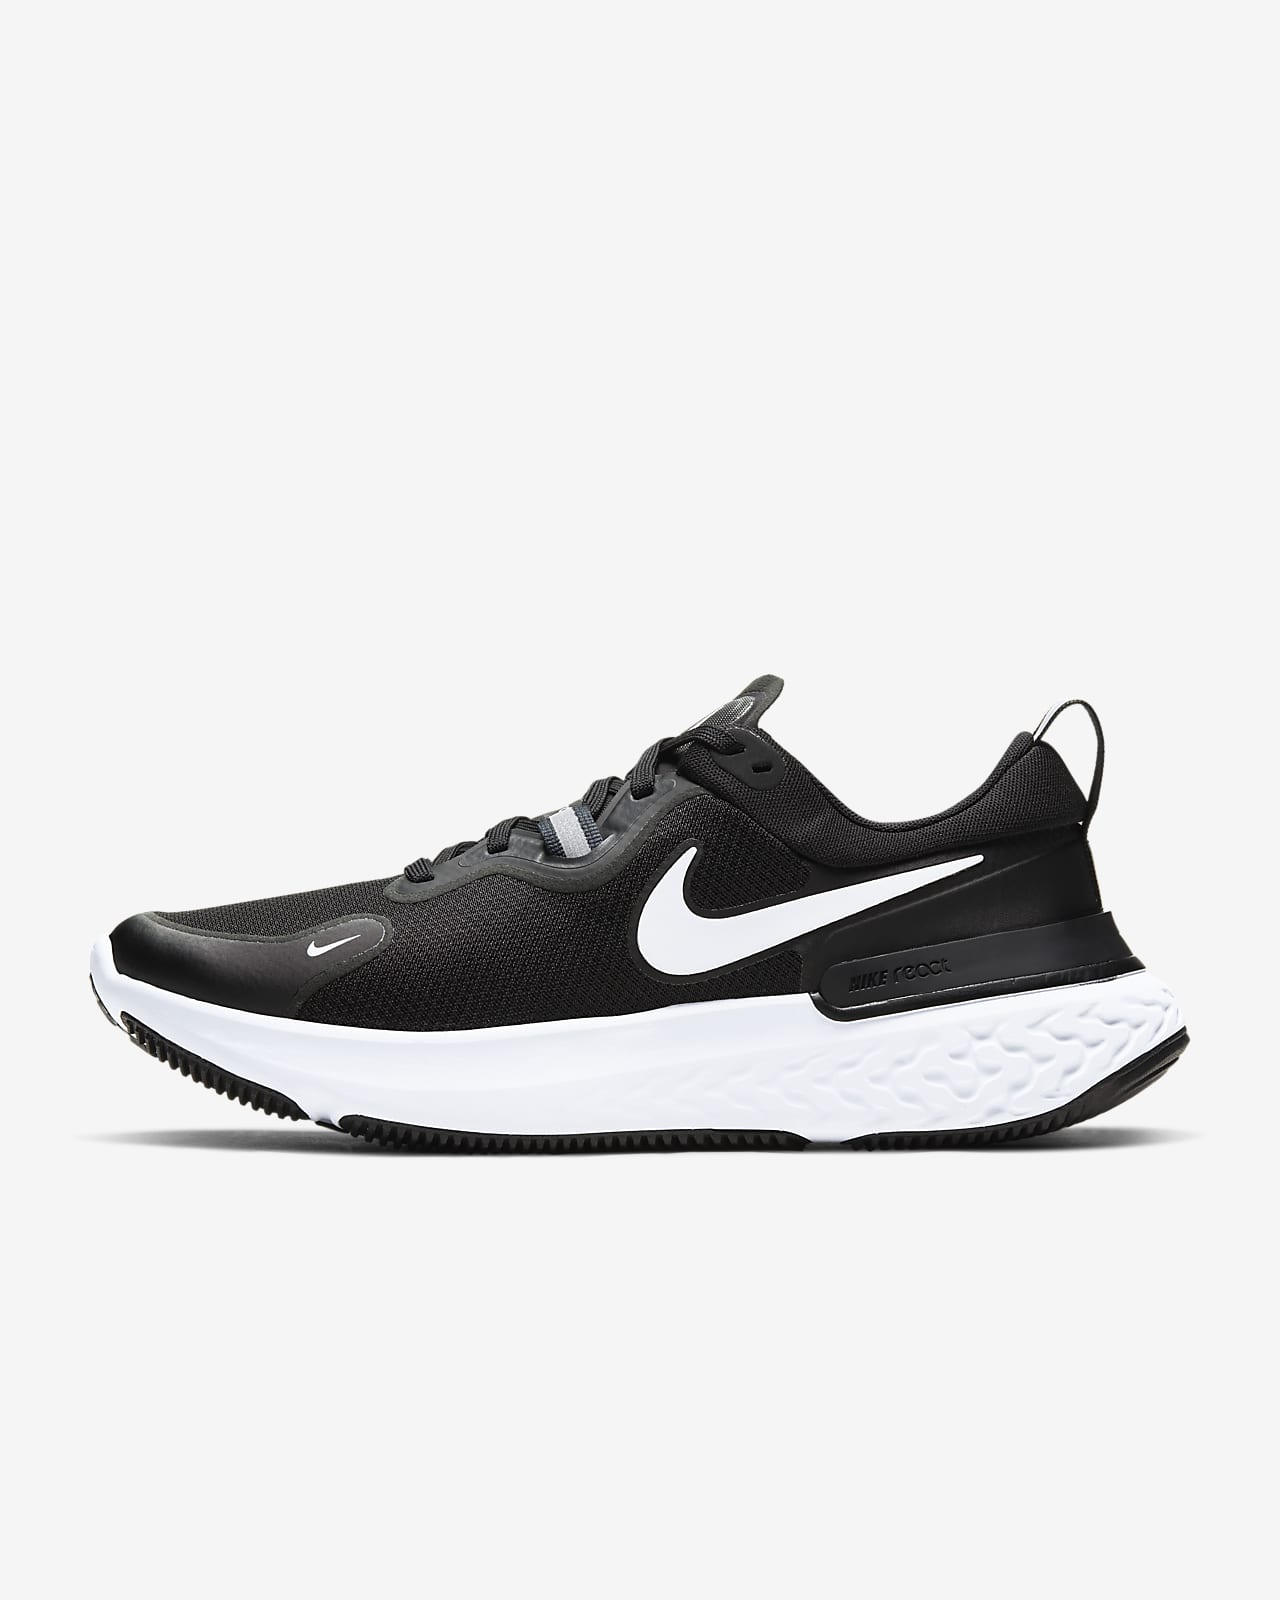 Nike React Miler Men's Road Running Shoes